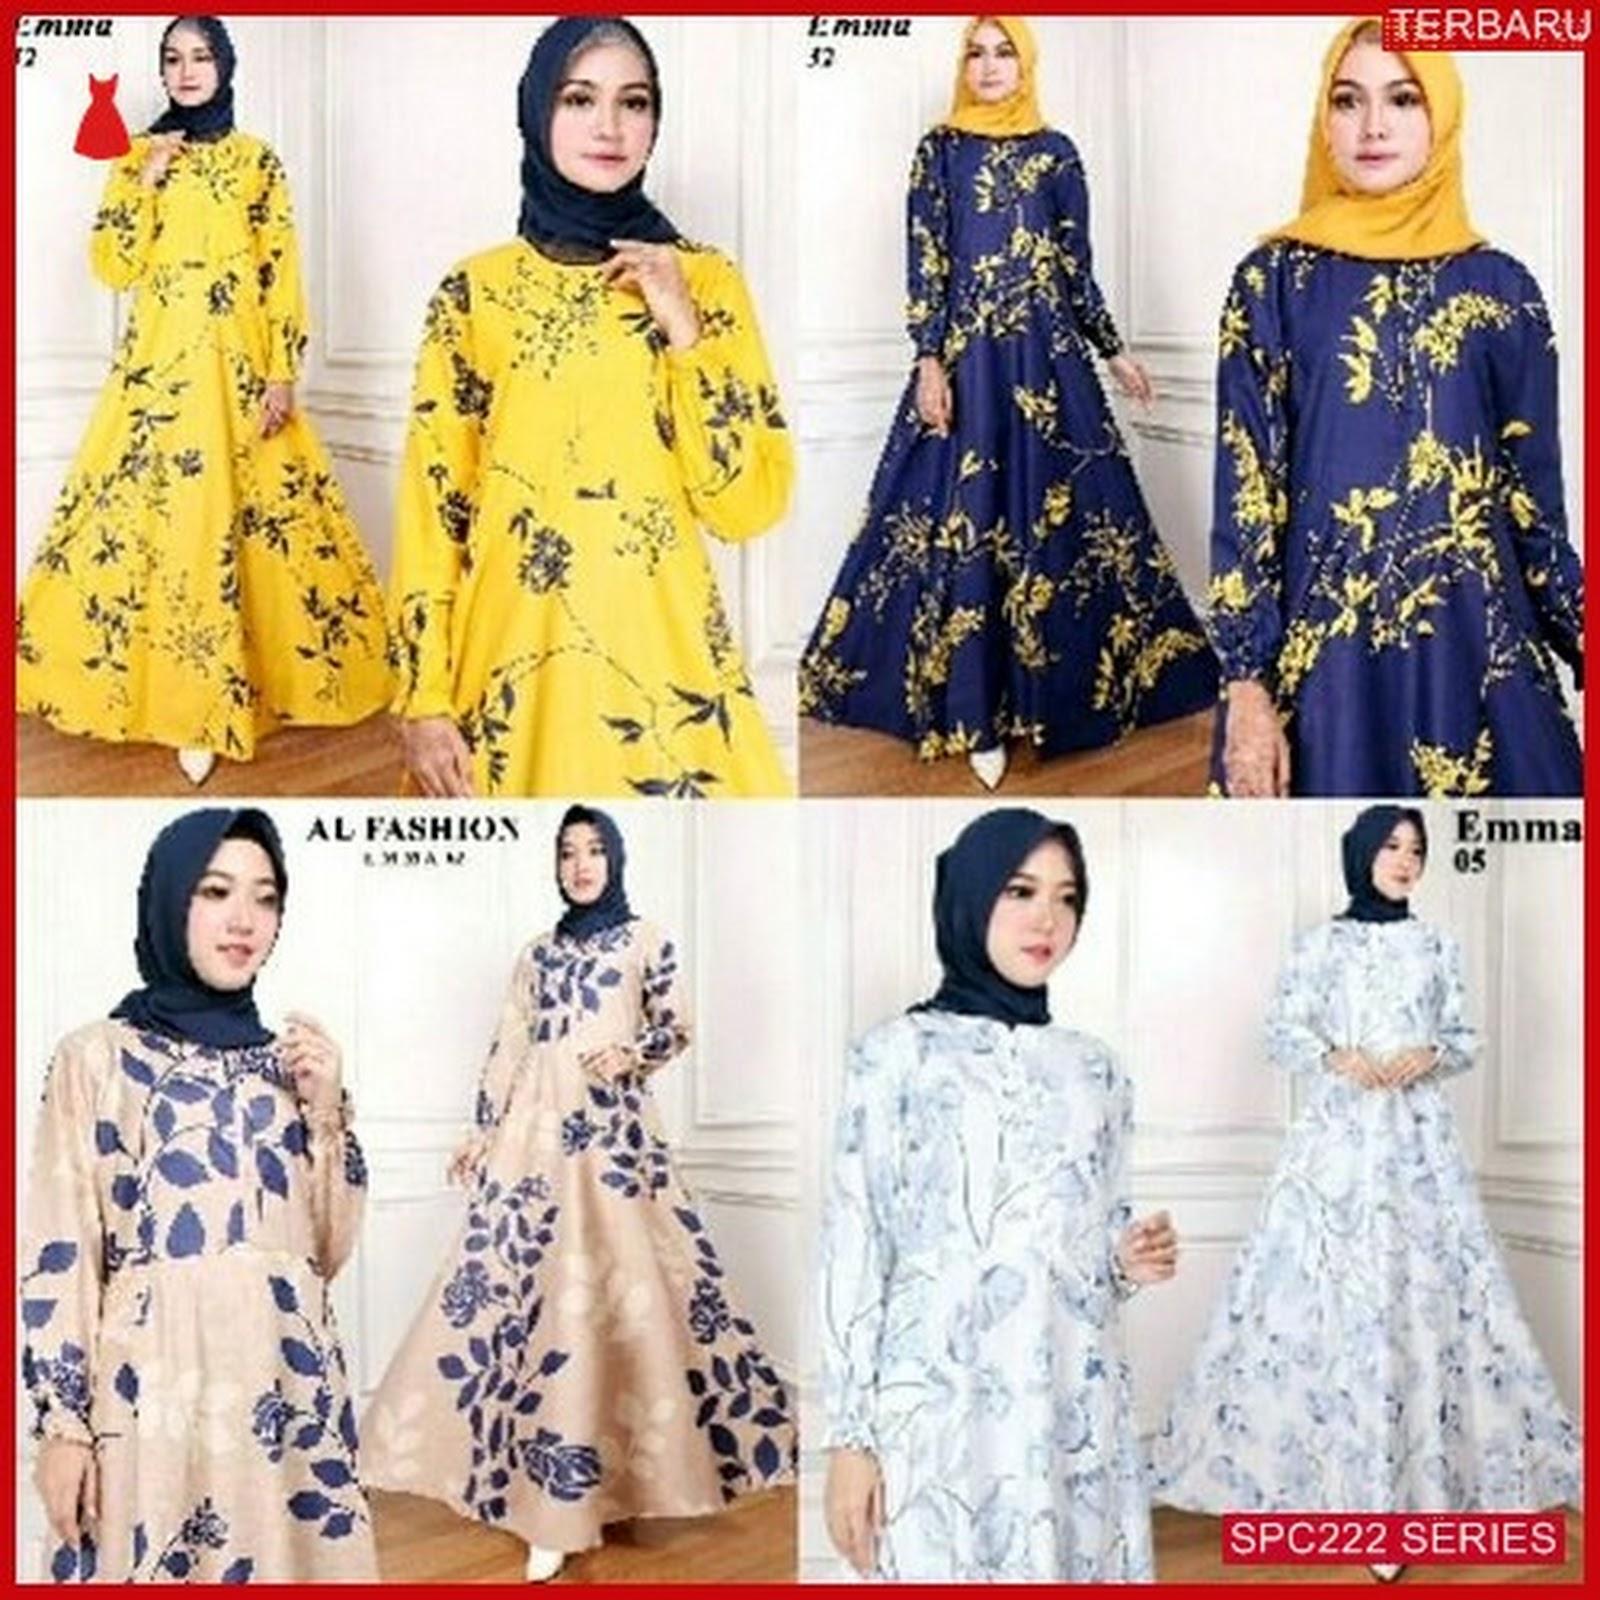 SPC222G79 Gamis Emma Maxy Syari Dress Muslim Wanita  0f28ce2857